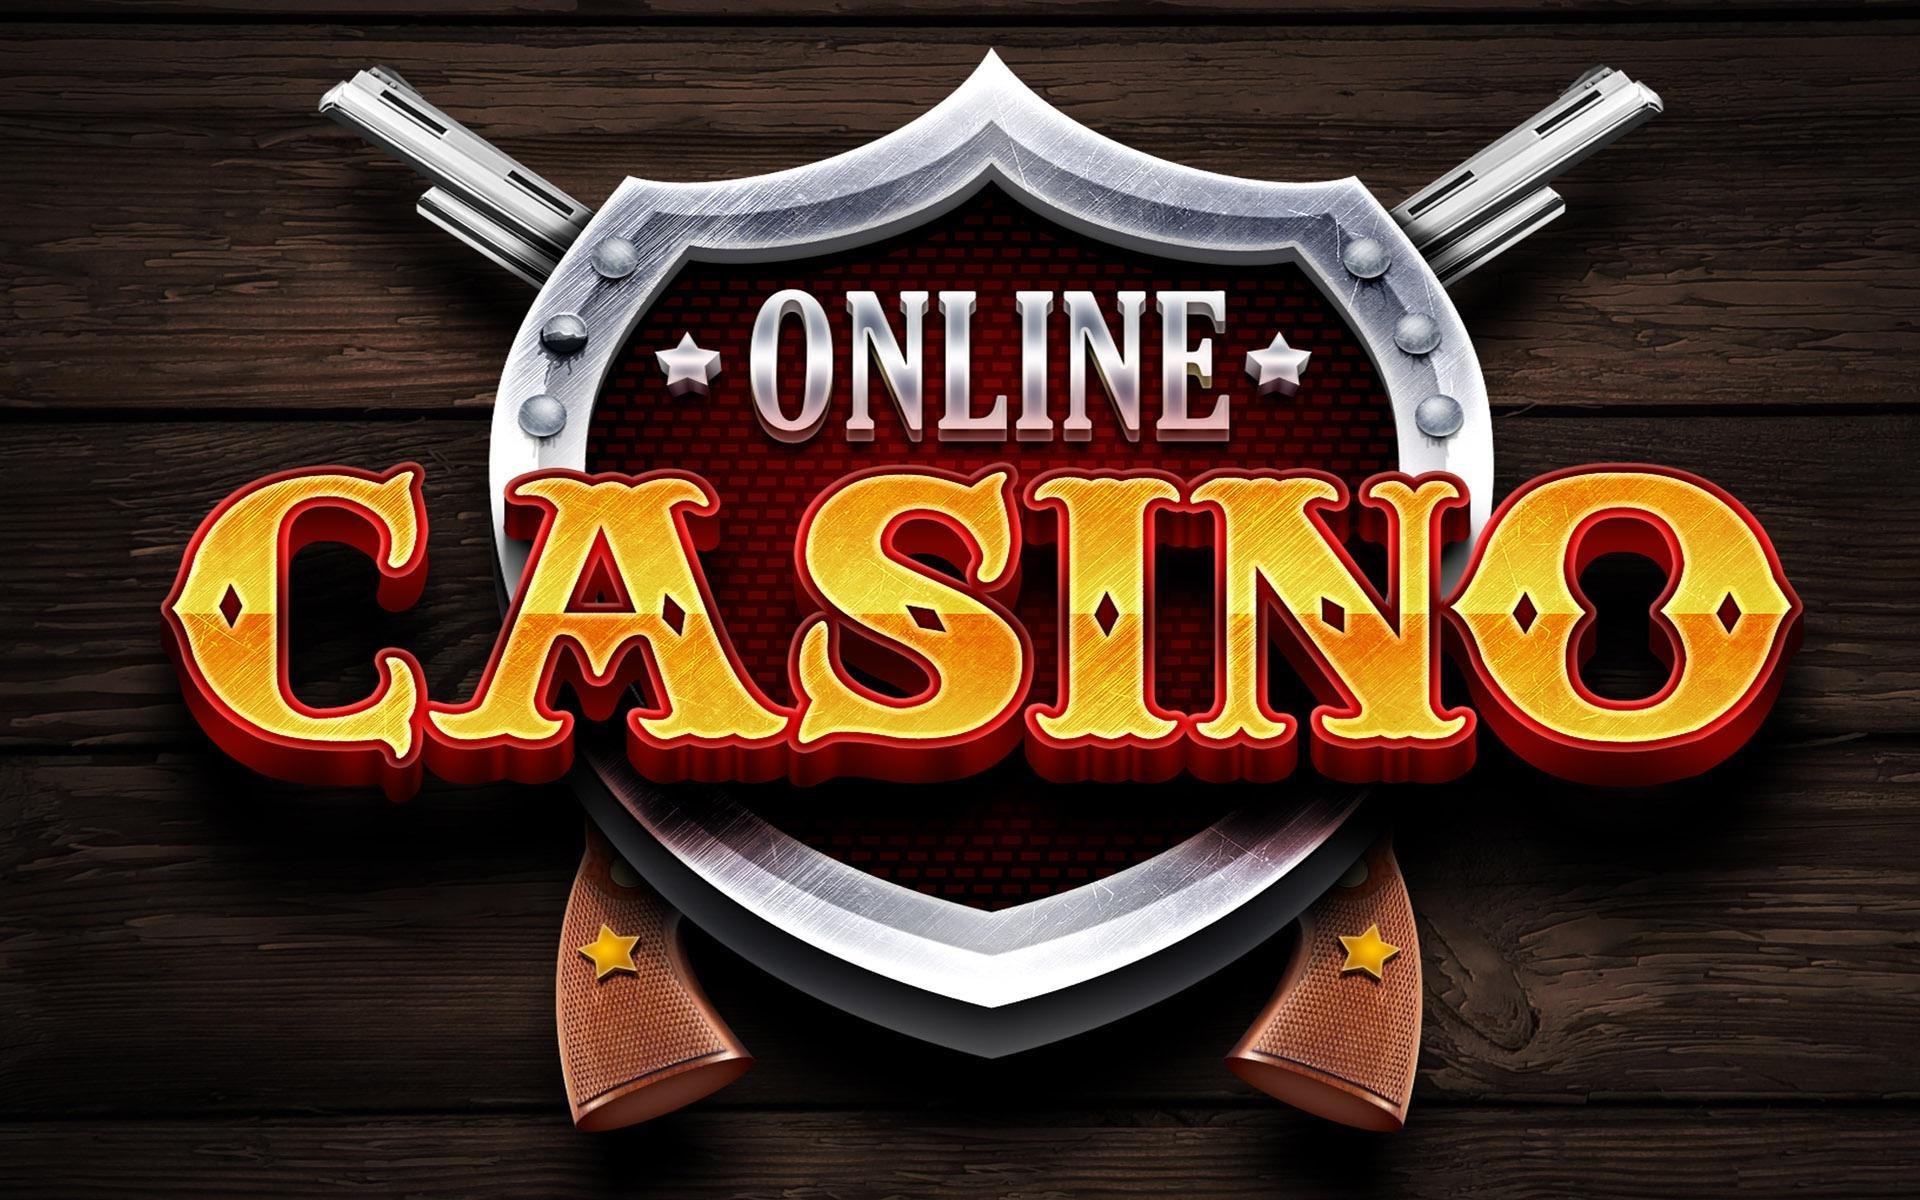 Какие игры являются популярными в казино онлайн Азино 3 топора?